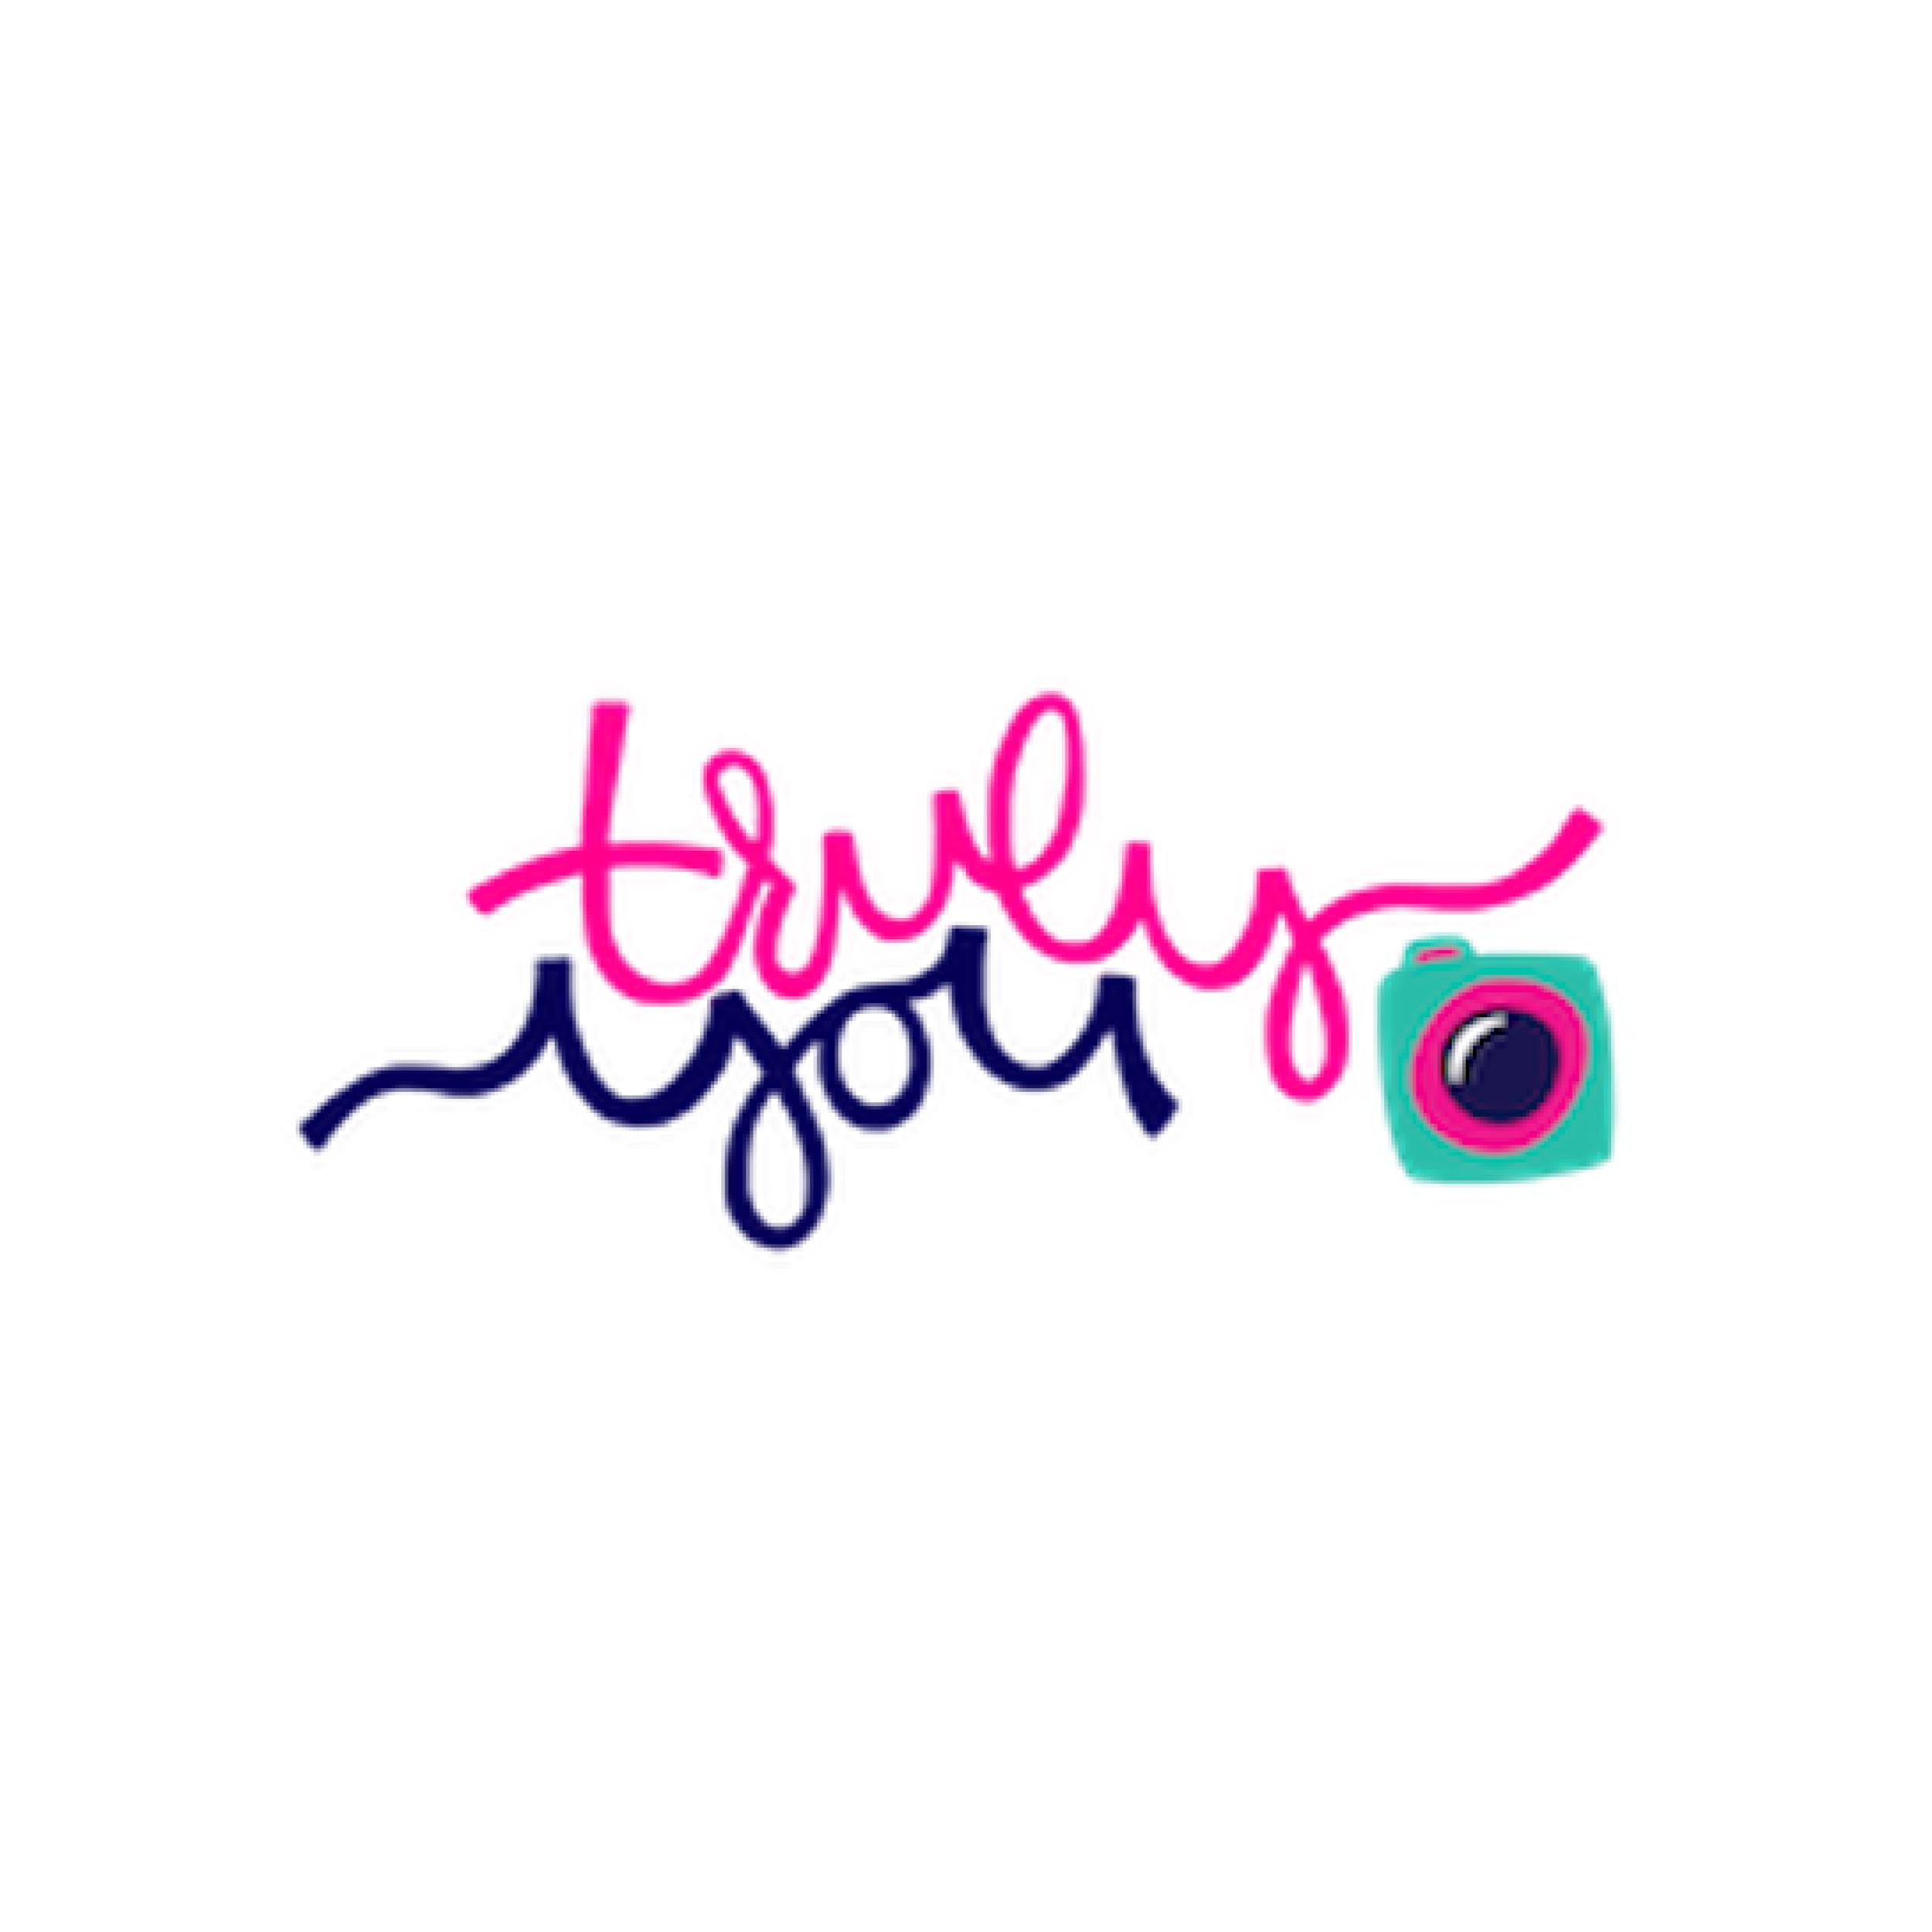 TrulyYou(logo-website)-01.png